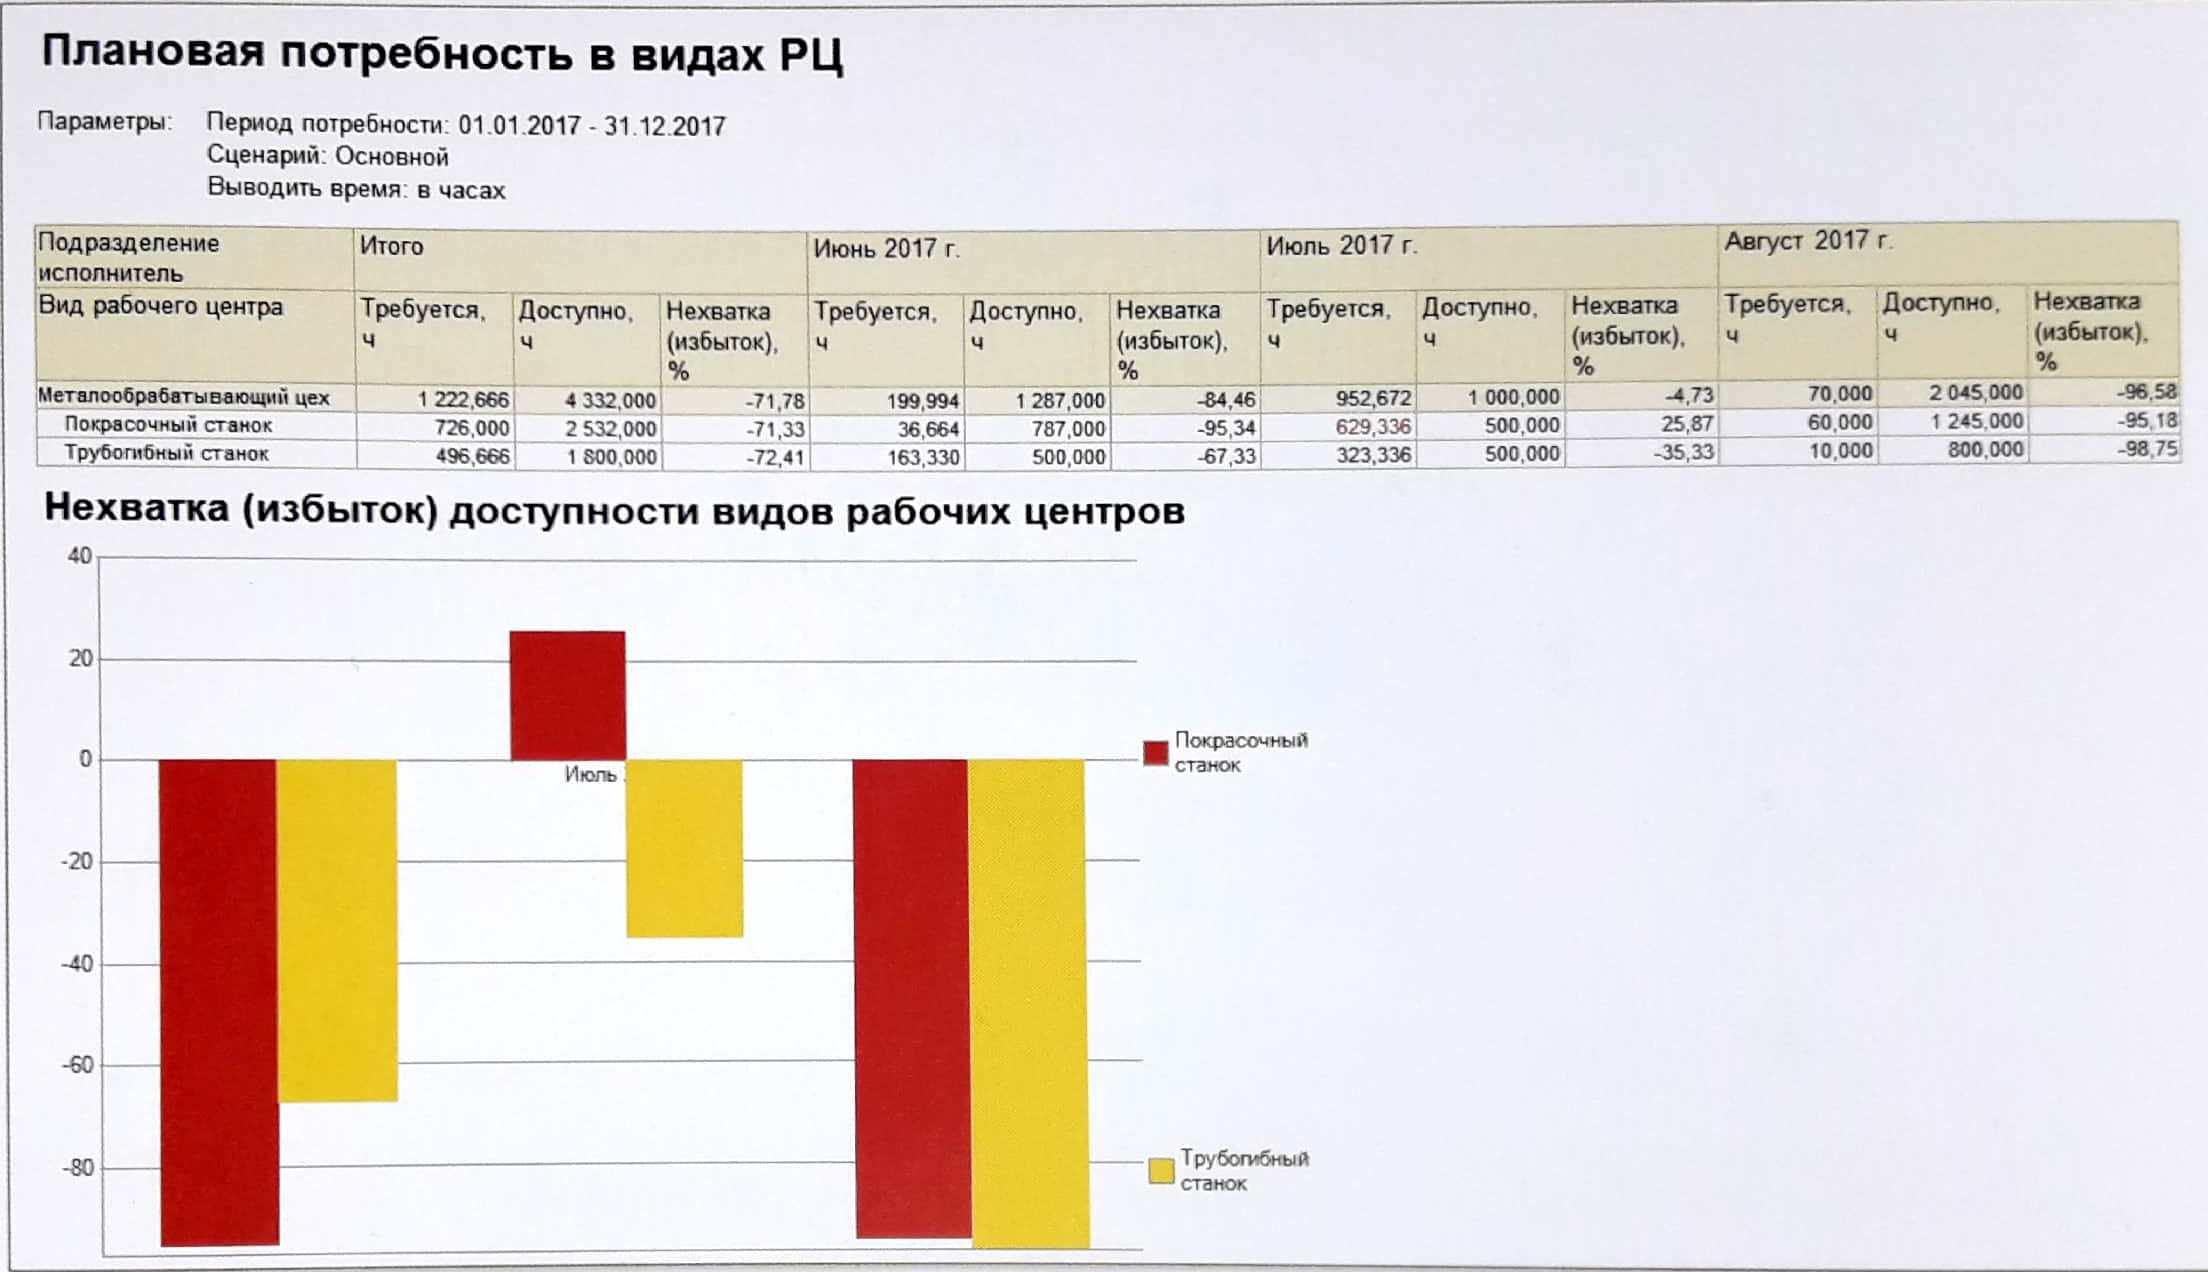 Планирование занятости рабочих центров 1С: ERP - как выбрать систему управления предприятием - Купить решение